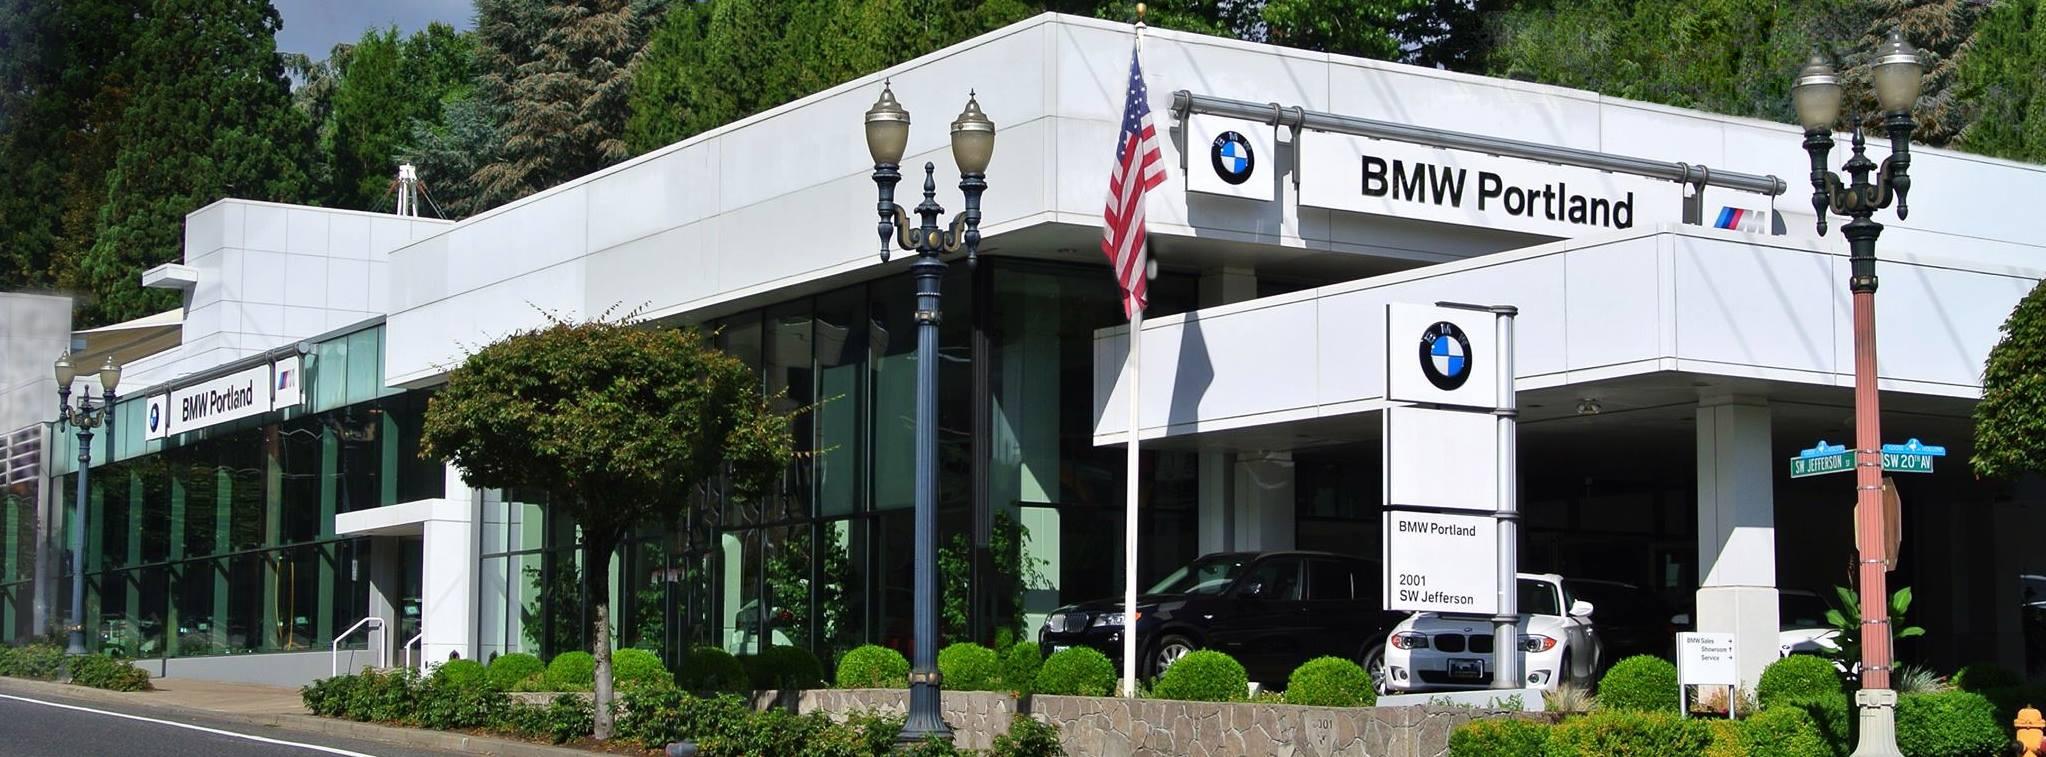 Bmw Portland New Used Bmw Car Dealer Serving Gresham Tigard